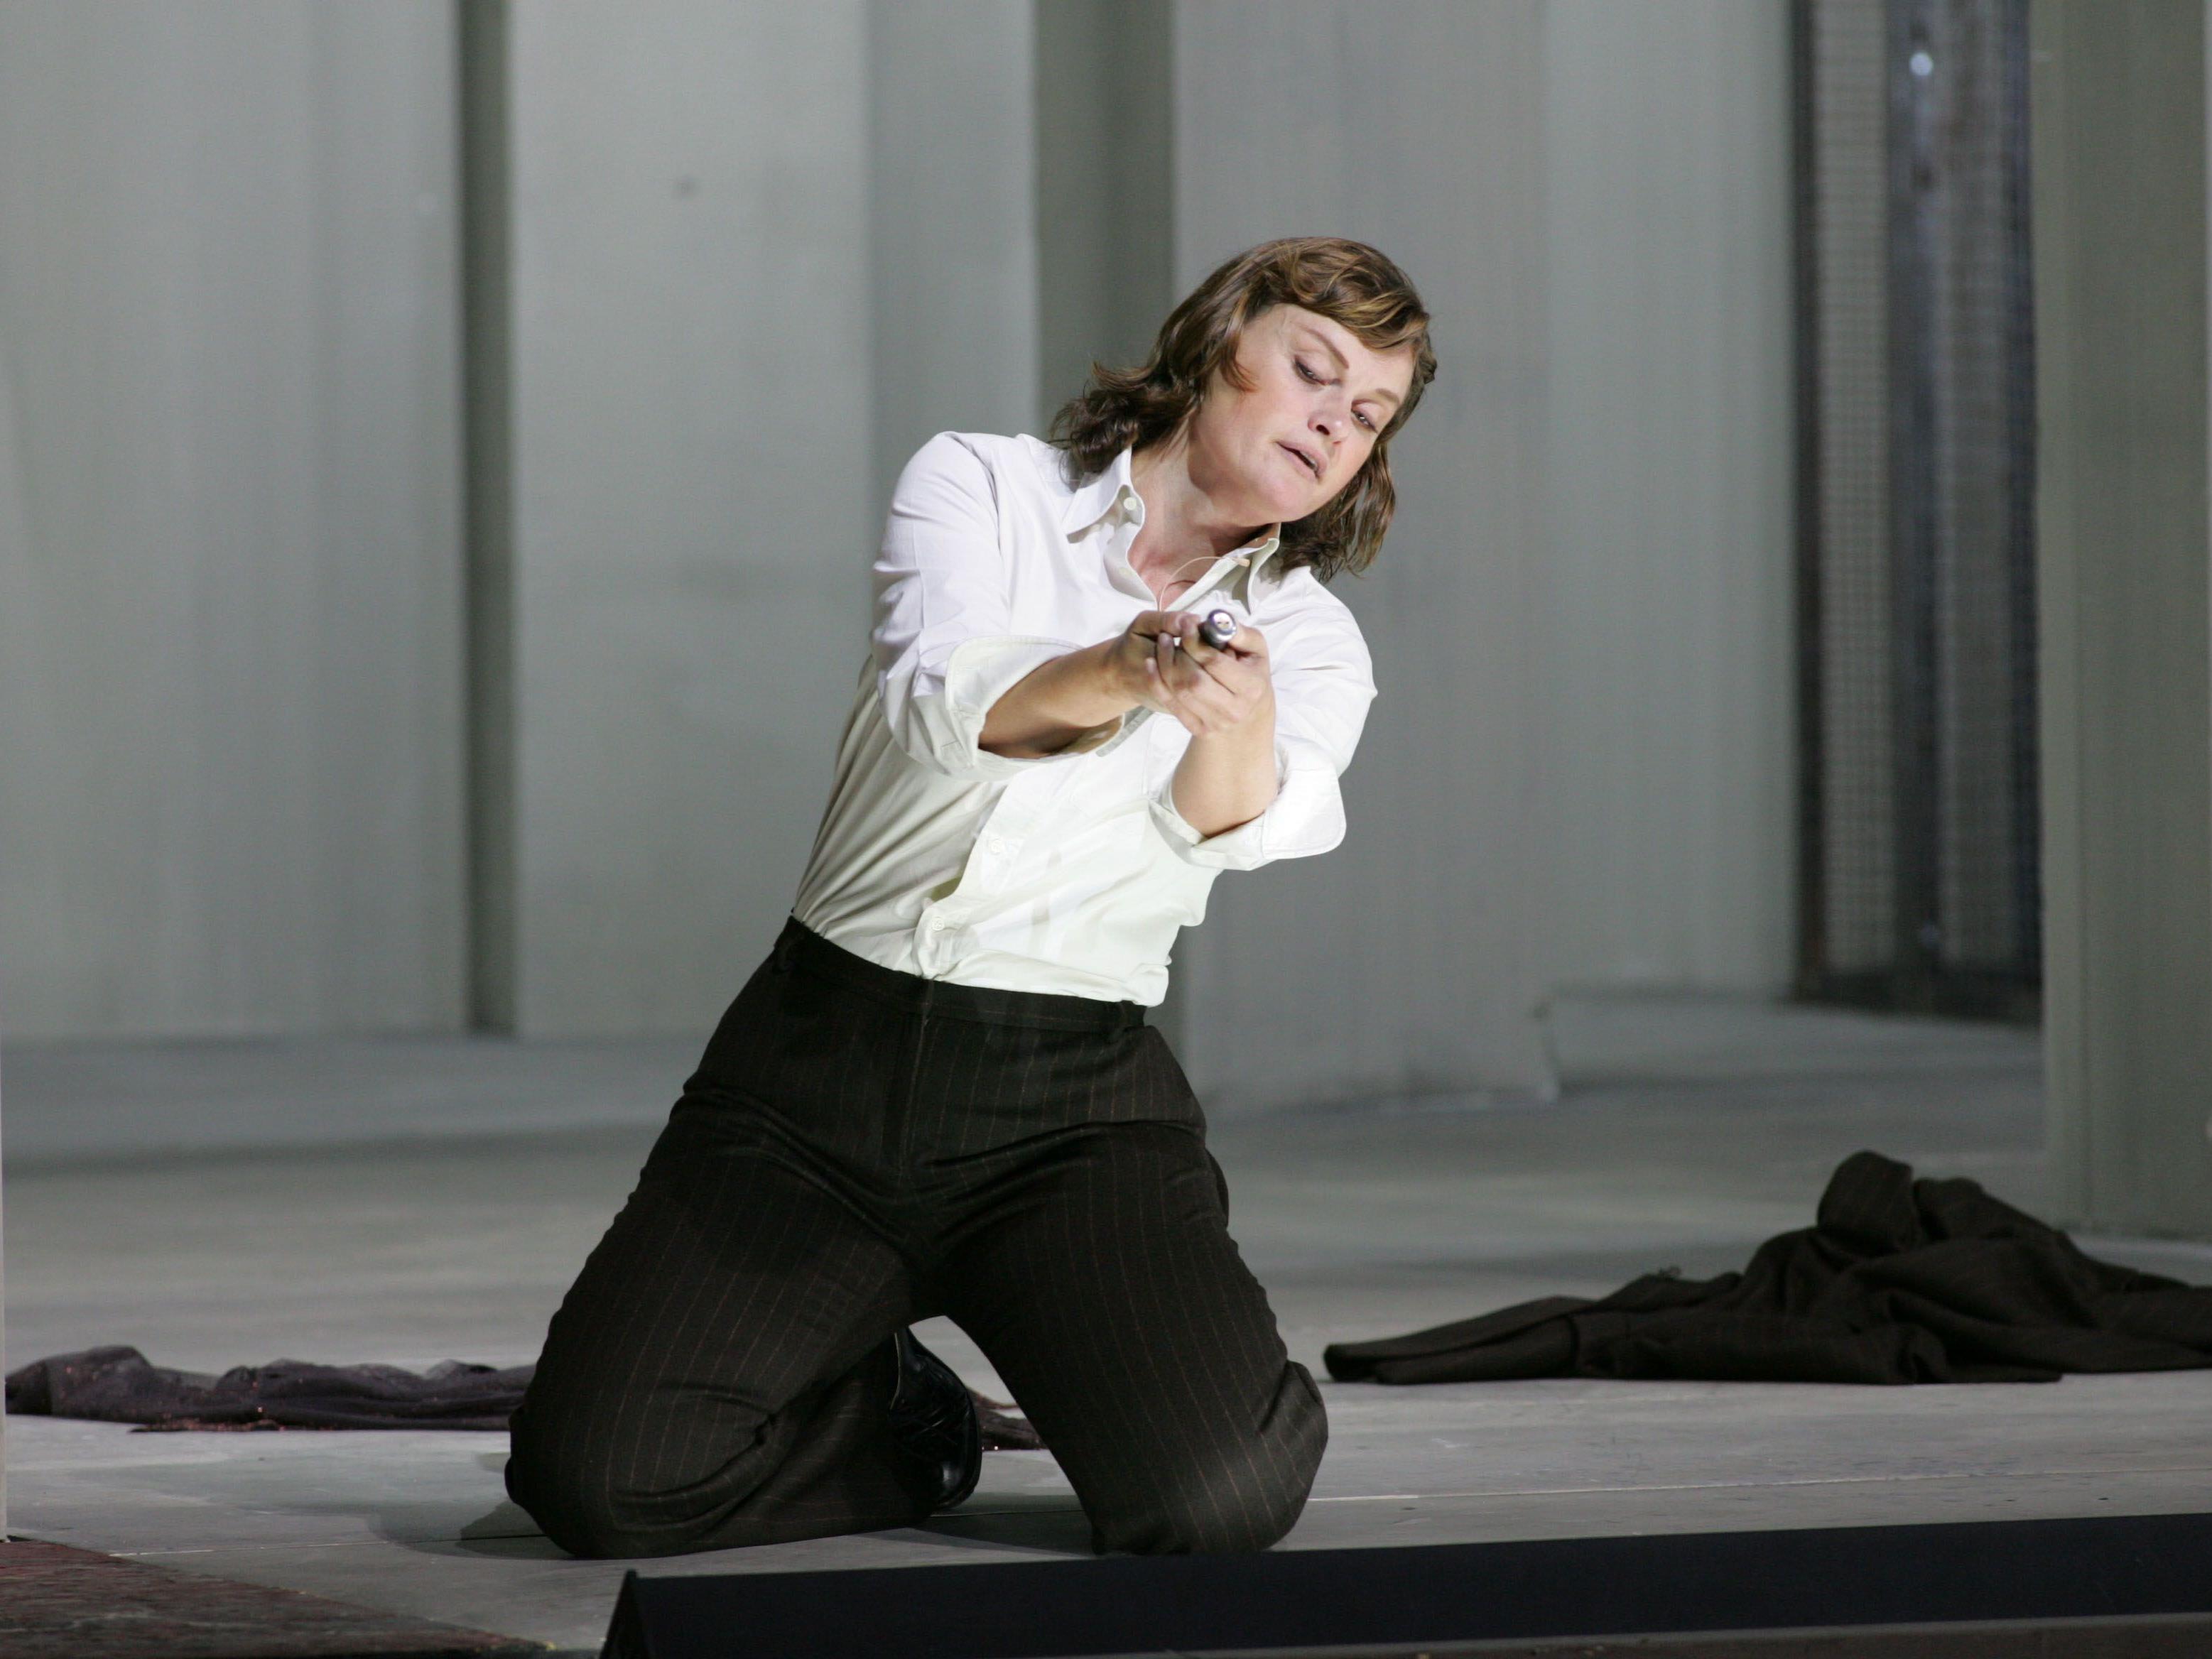 Mezzosopranisten Vesselena Kasarova verhalf dem Publikum zu einem mitreißenden Erlebnis.